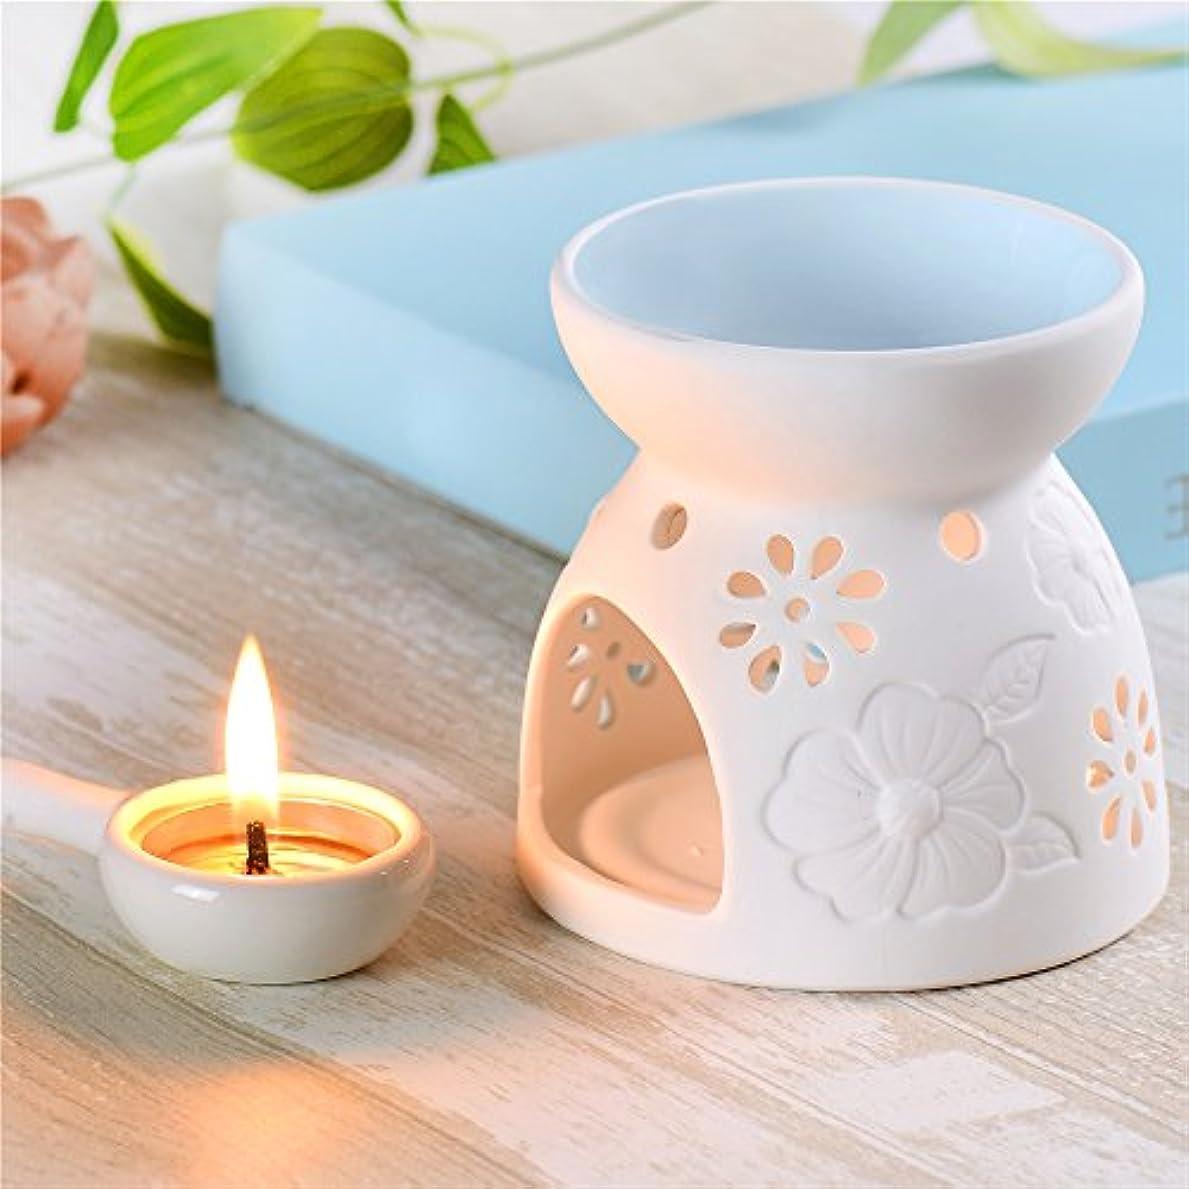 解体するフィットネス振幅セラミックEssential Oil Warmer : Great for瞑想、アロマセラピー – Fragrance Diffuser使用with Tea Lights – Ideal For Wedding Gifts...